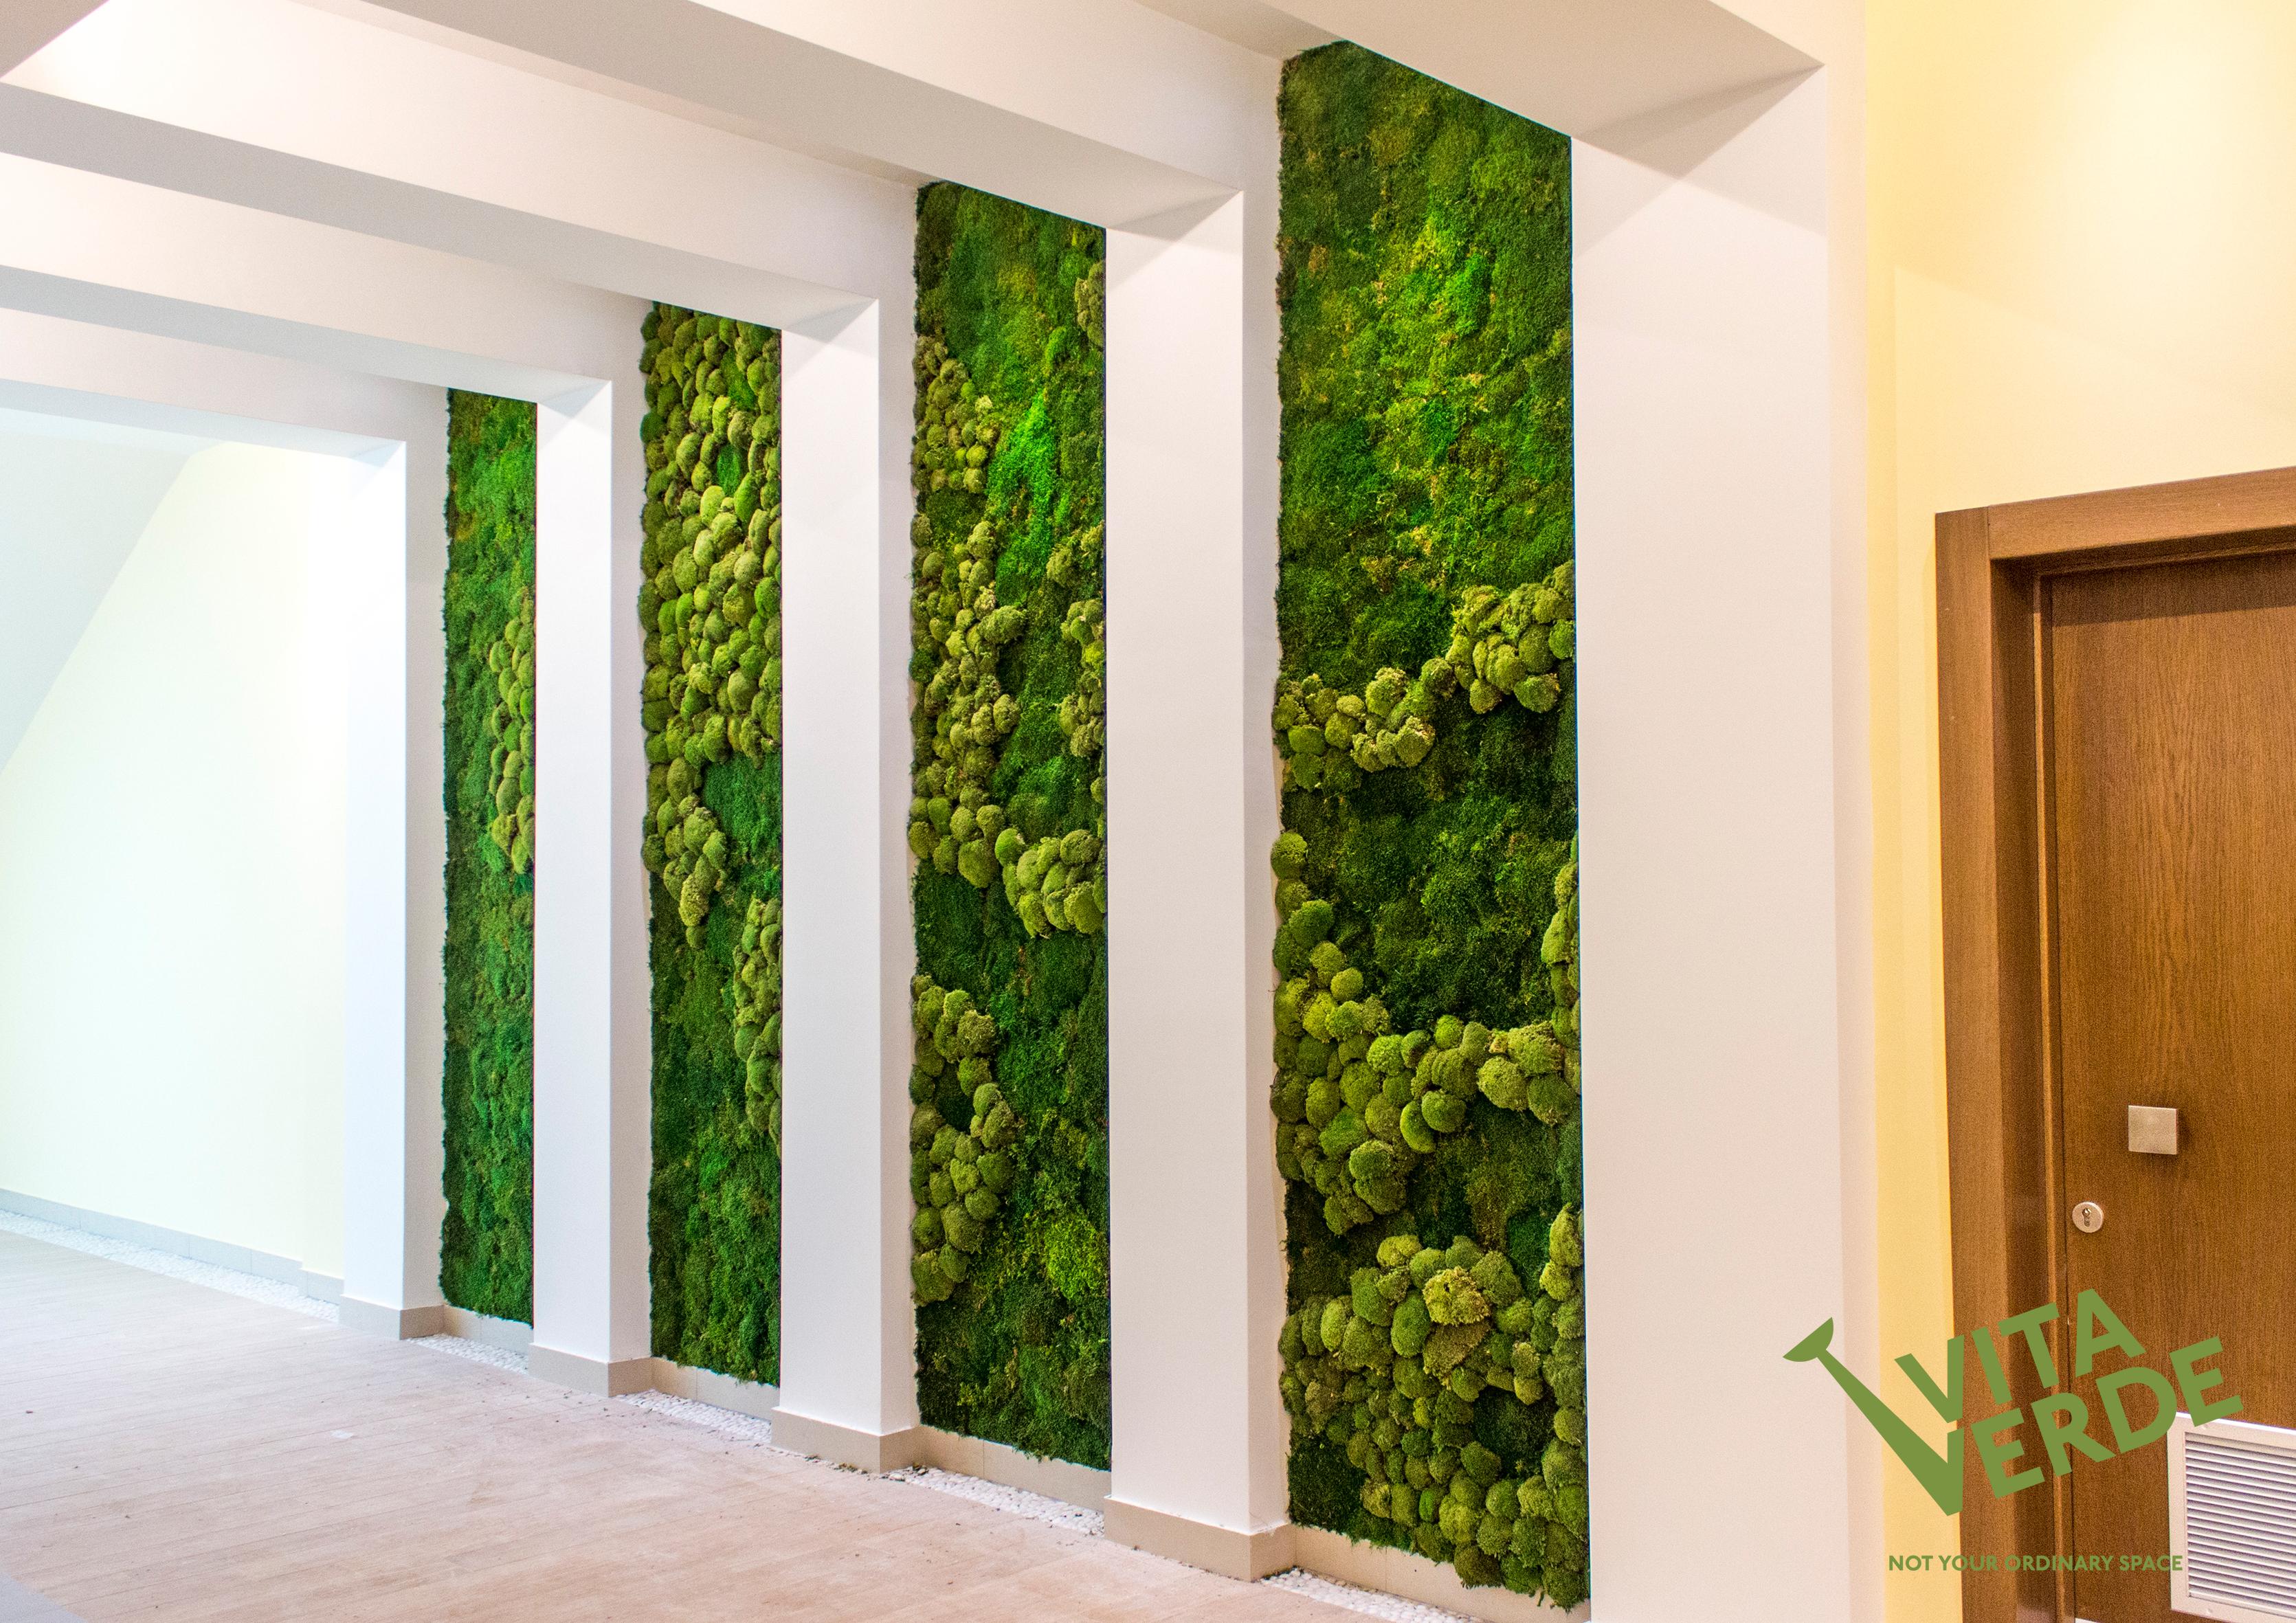 Moss art in a spa